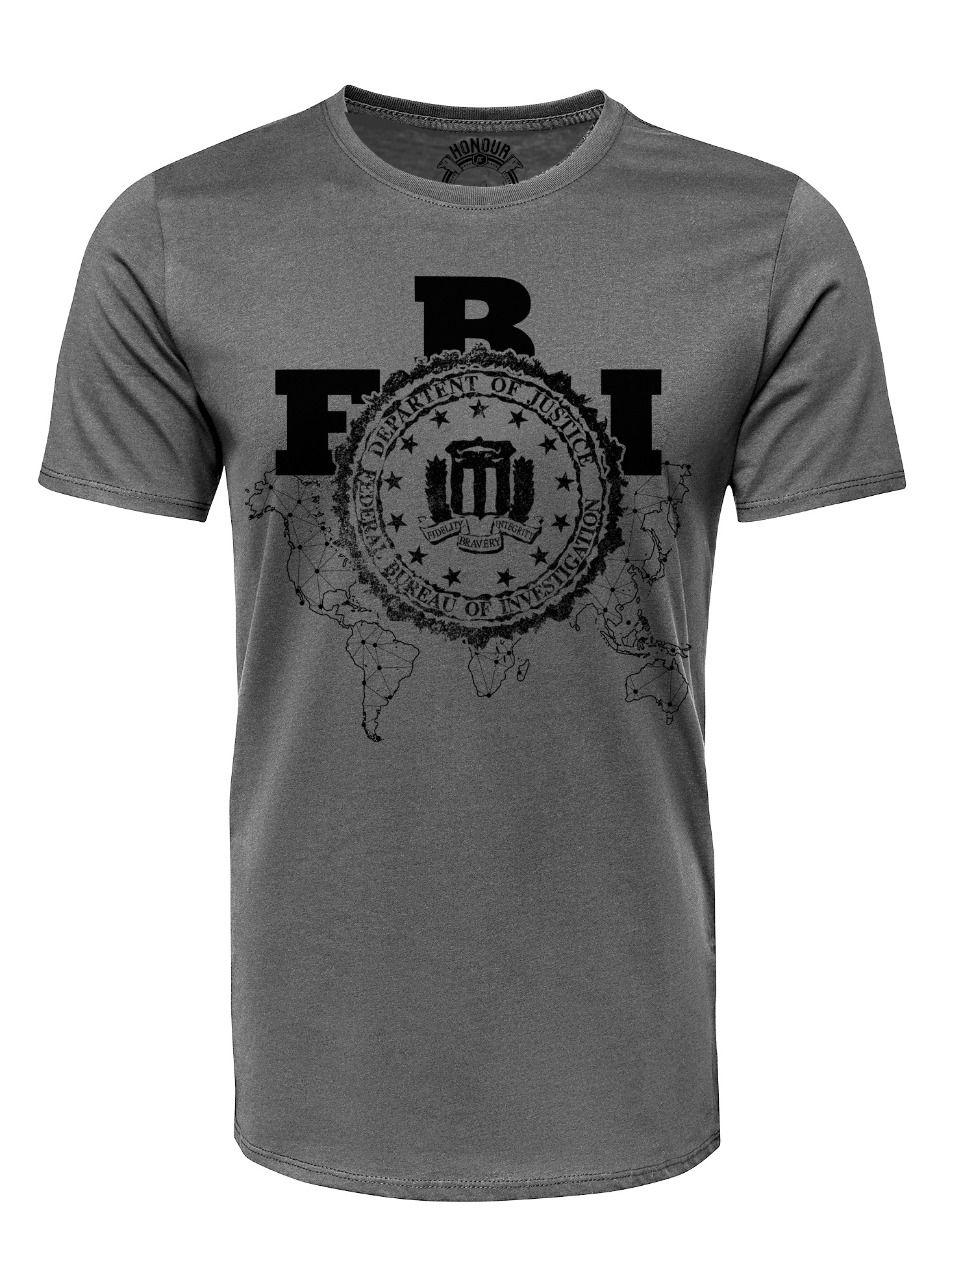 Camiseta Militar Estampada FBI - Cinza